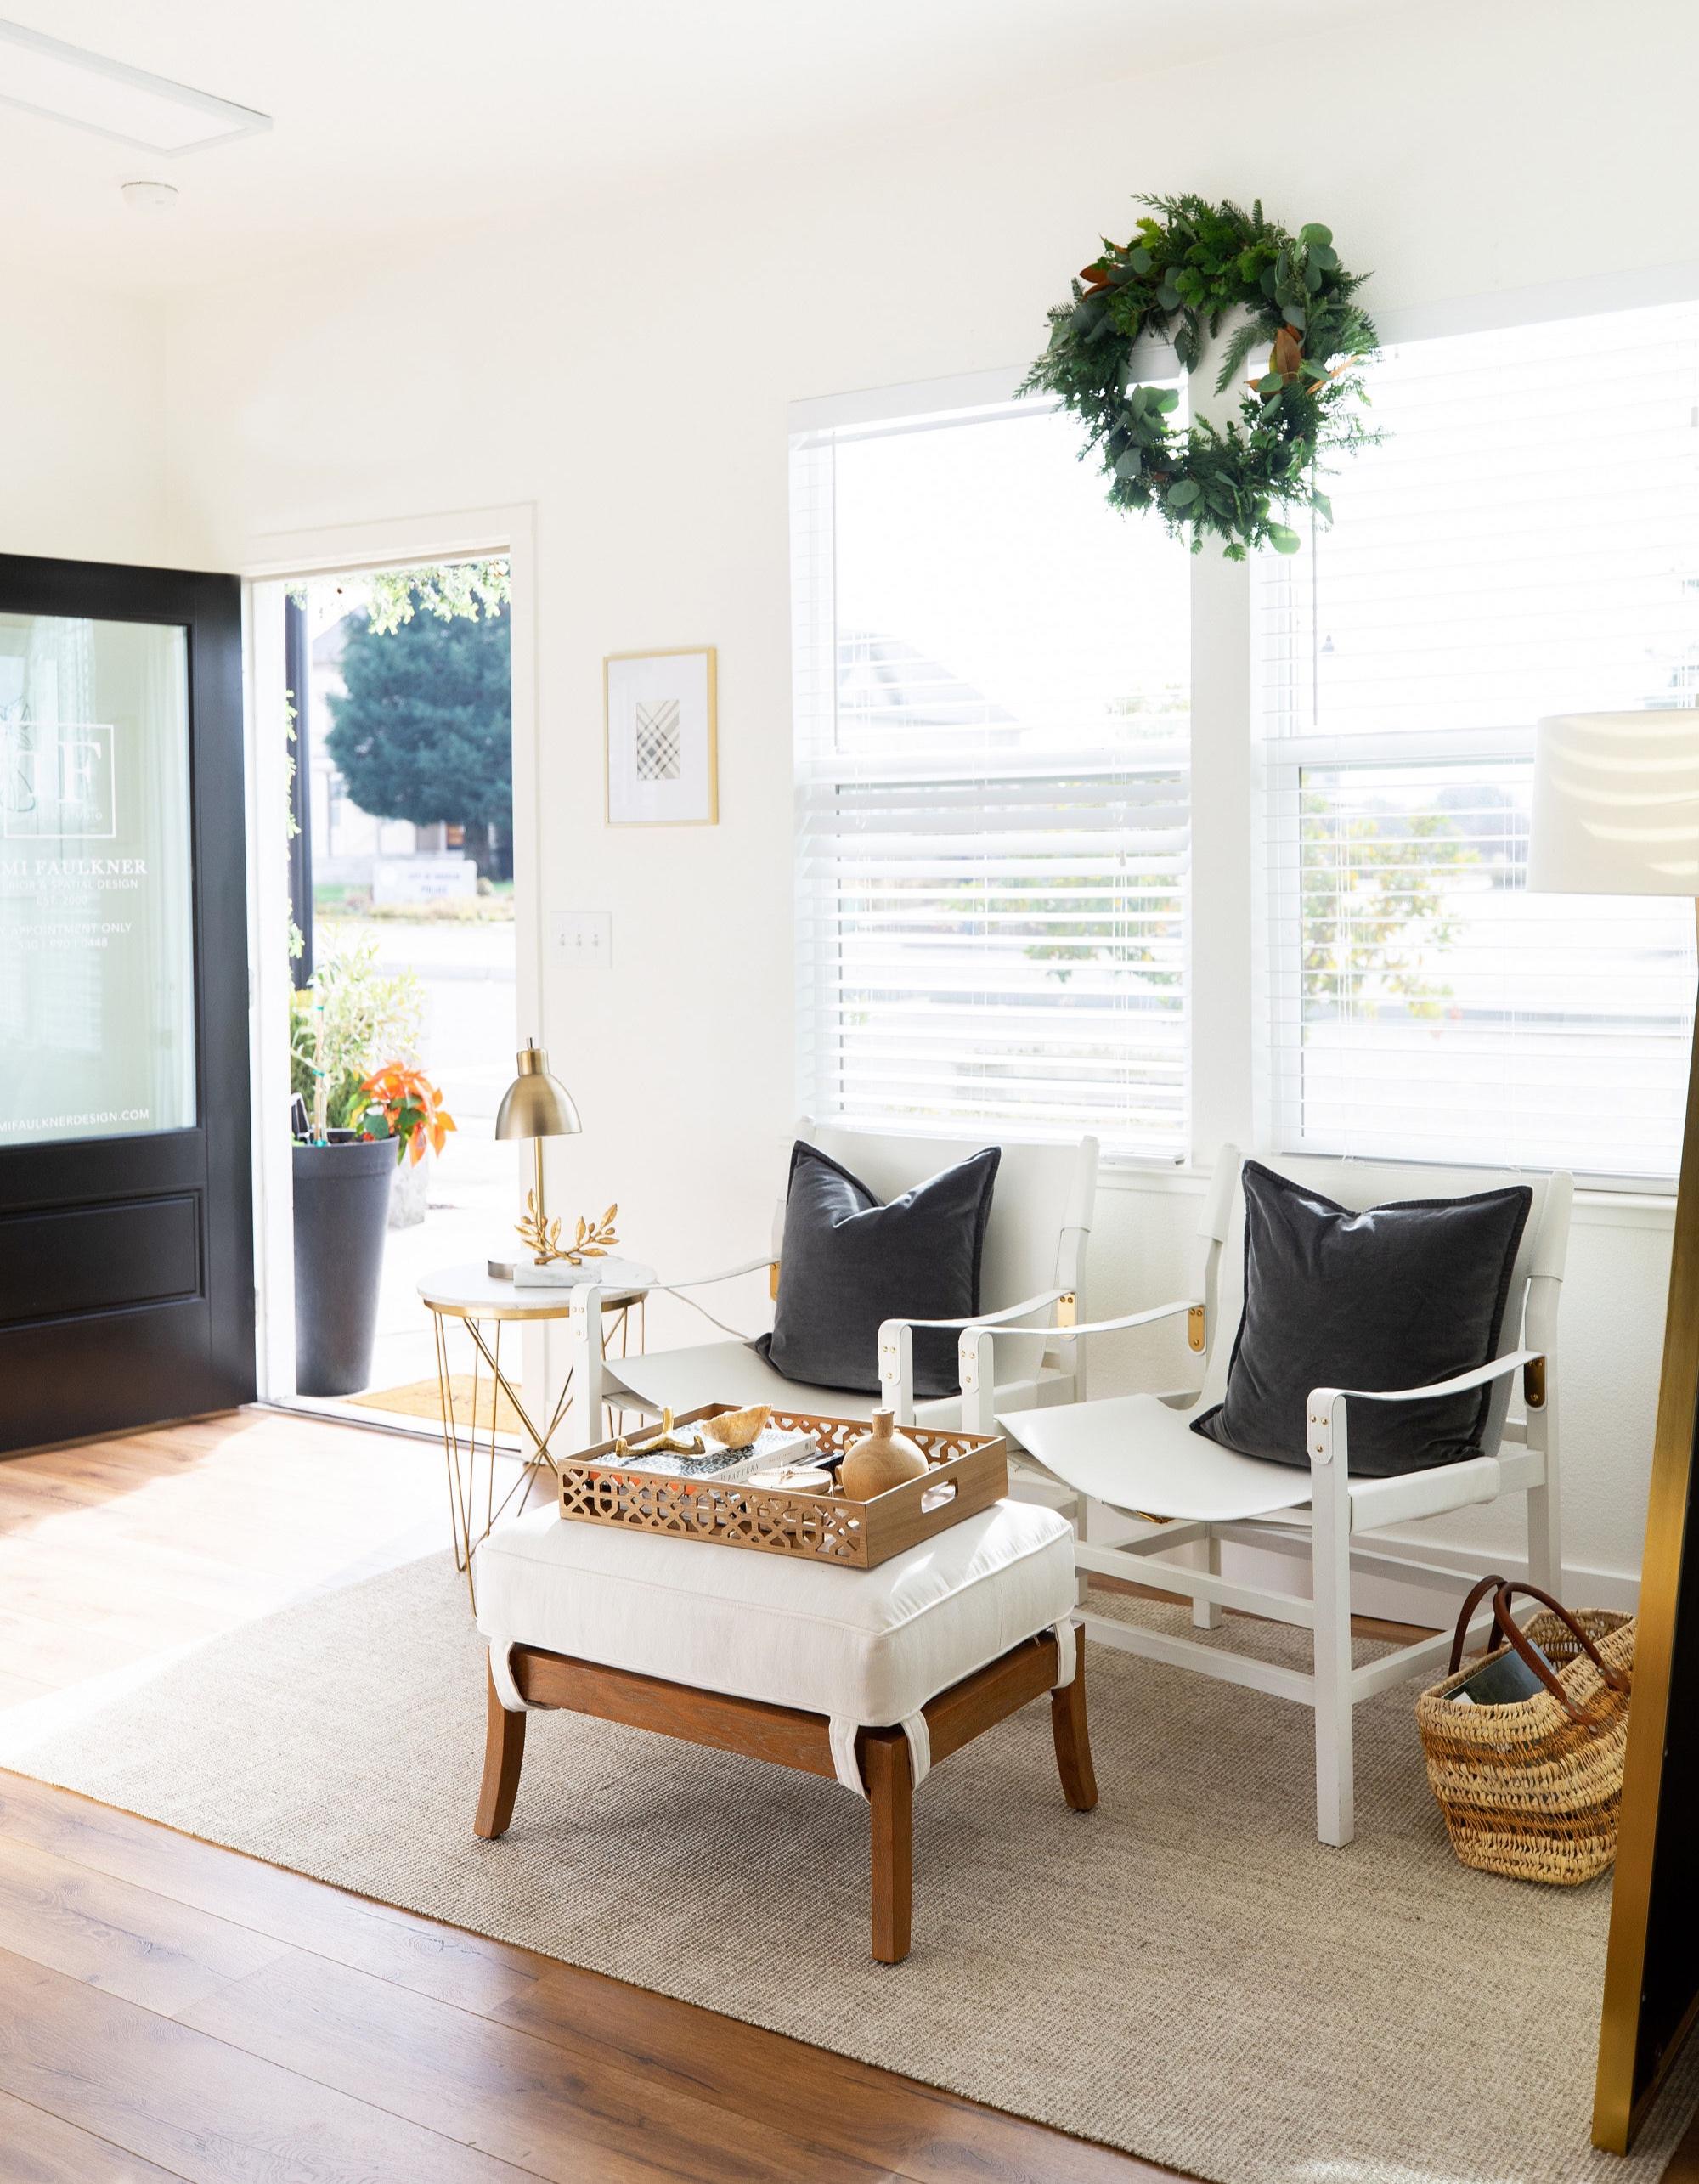 Tami+Faulkner+design%2C+house+plans%2C+Sacramento+ca